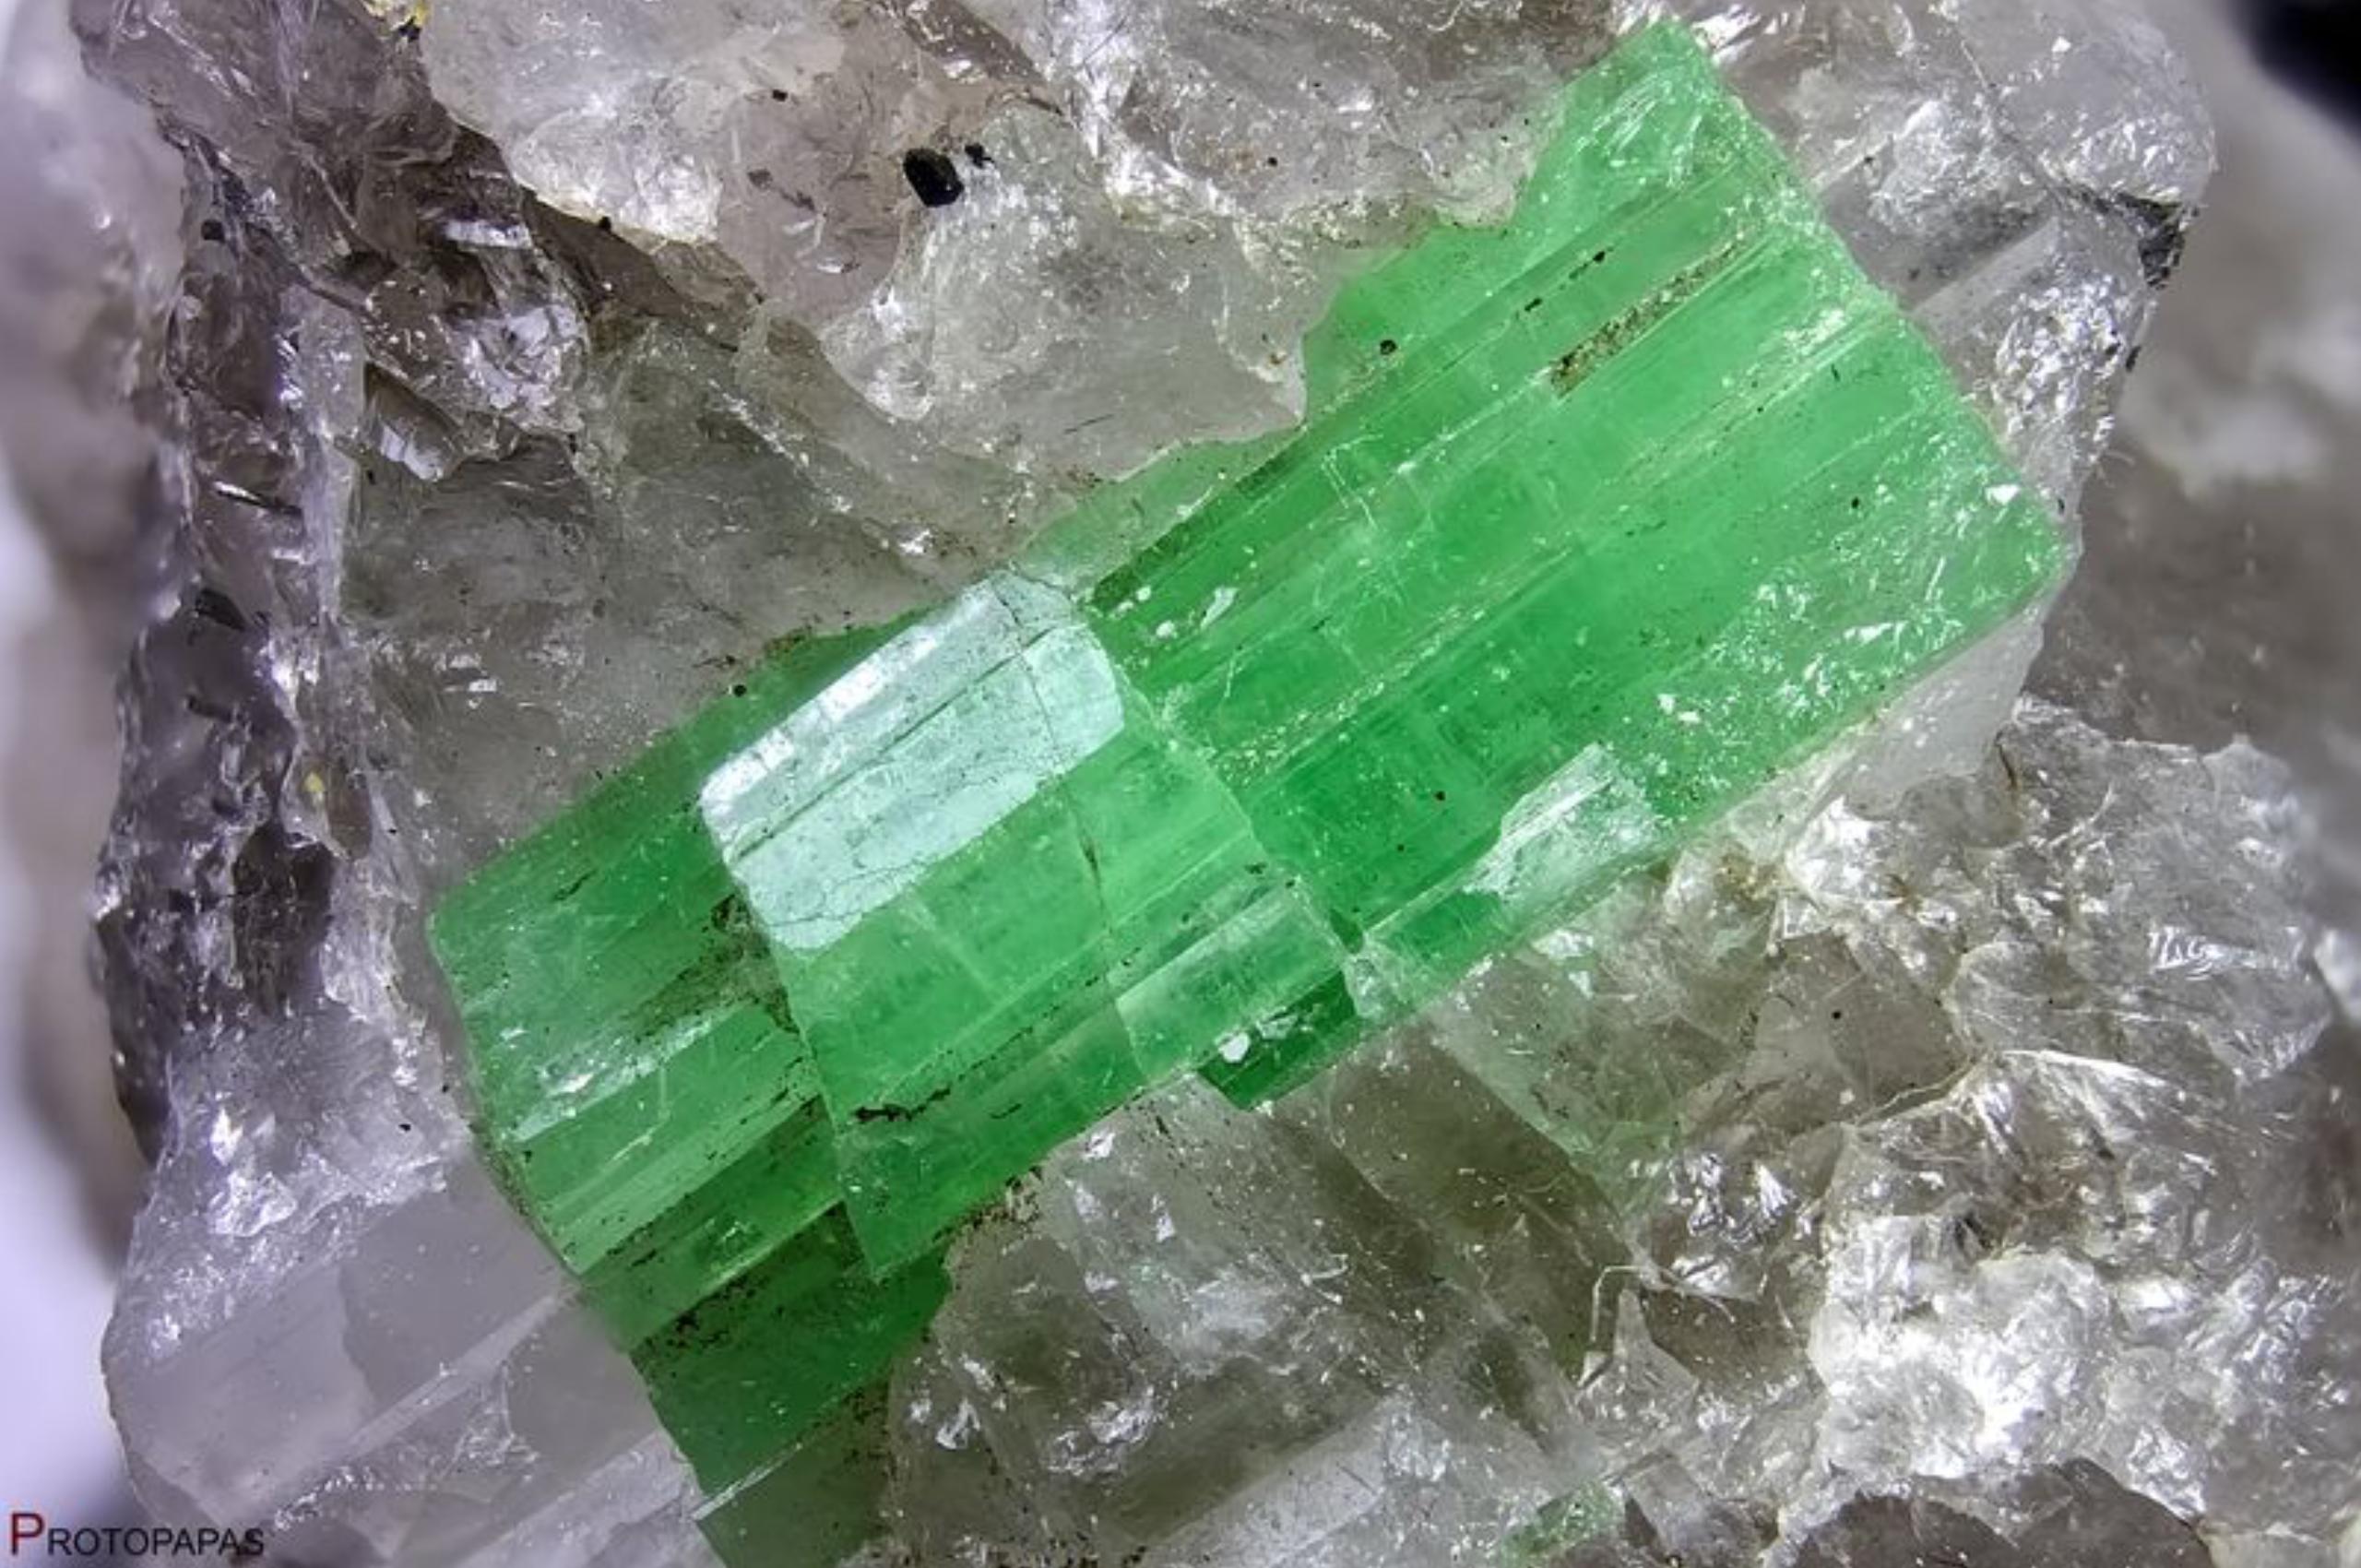 Green Beryl from China. Photo by Francesco Protopapas